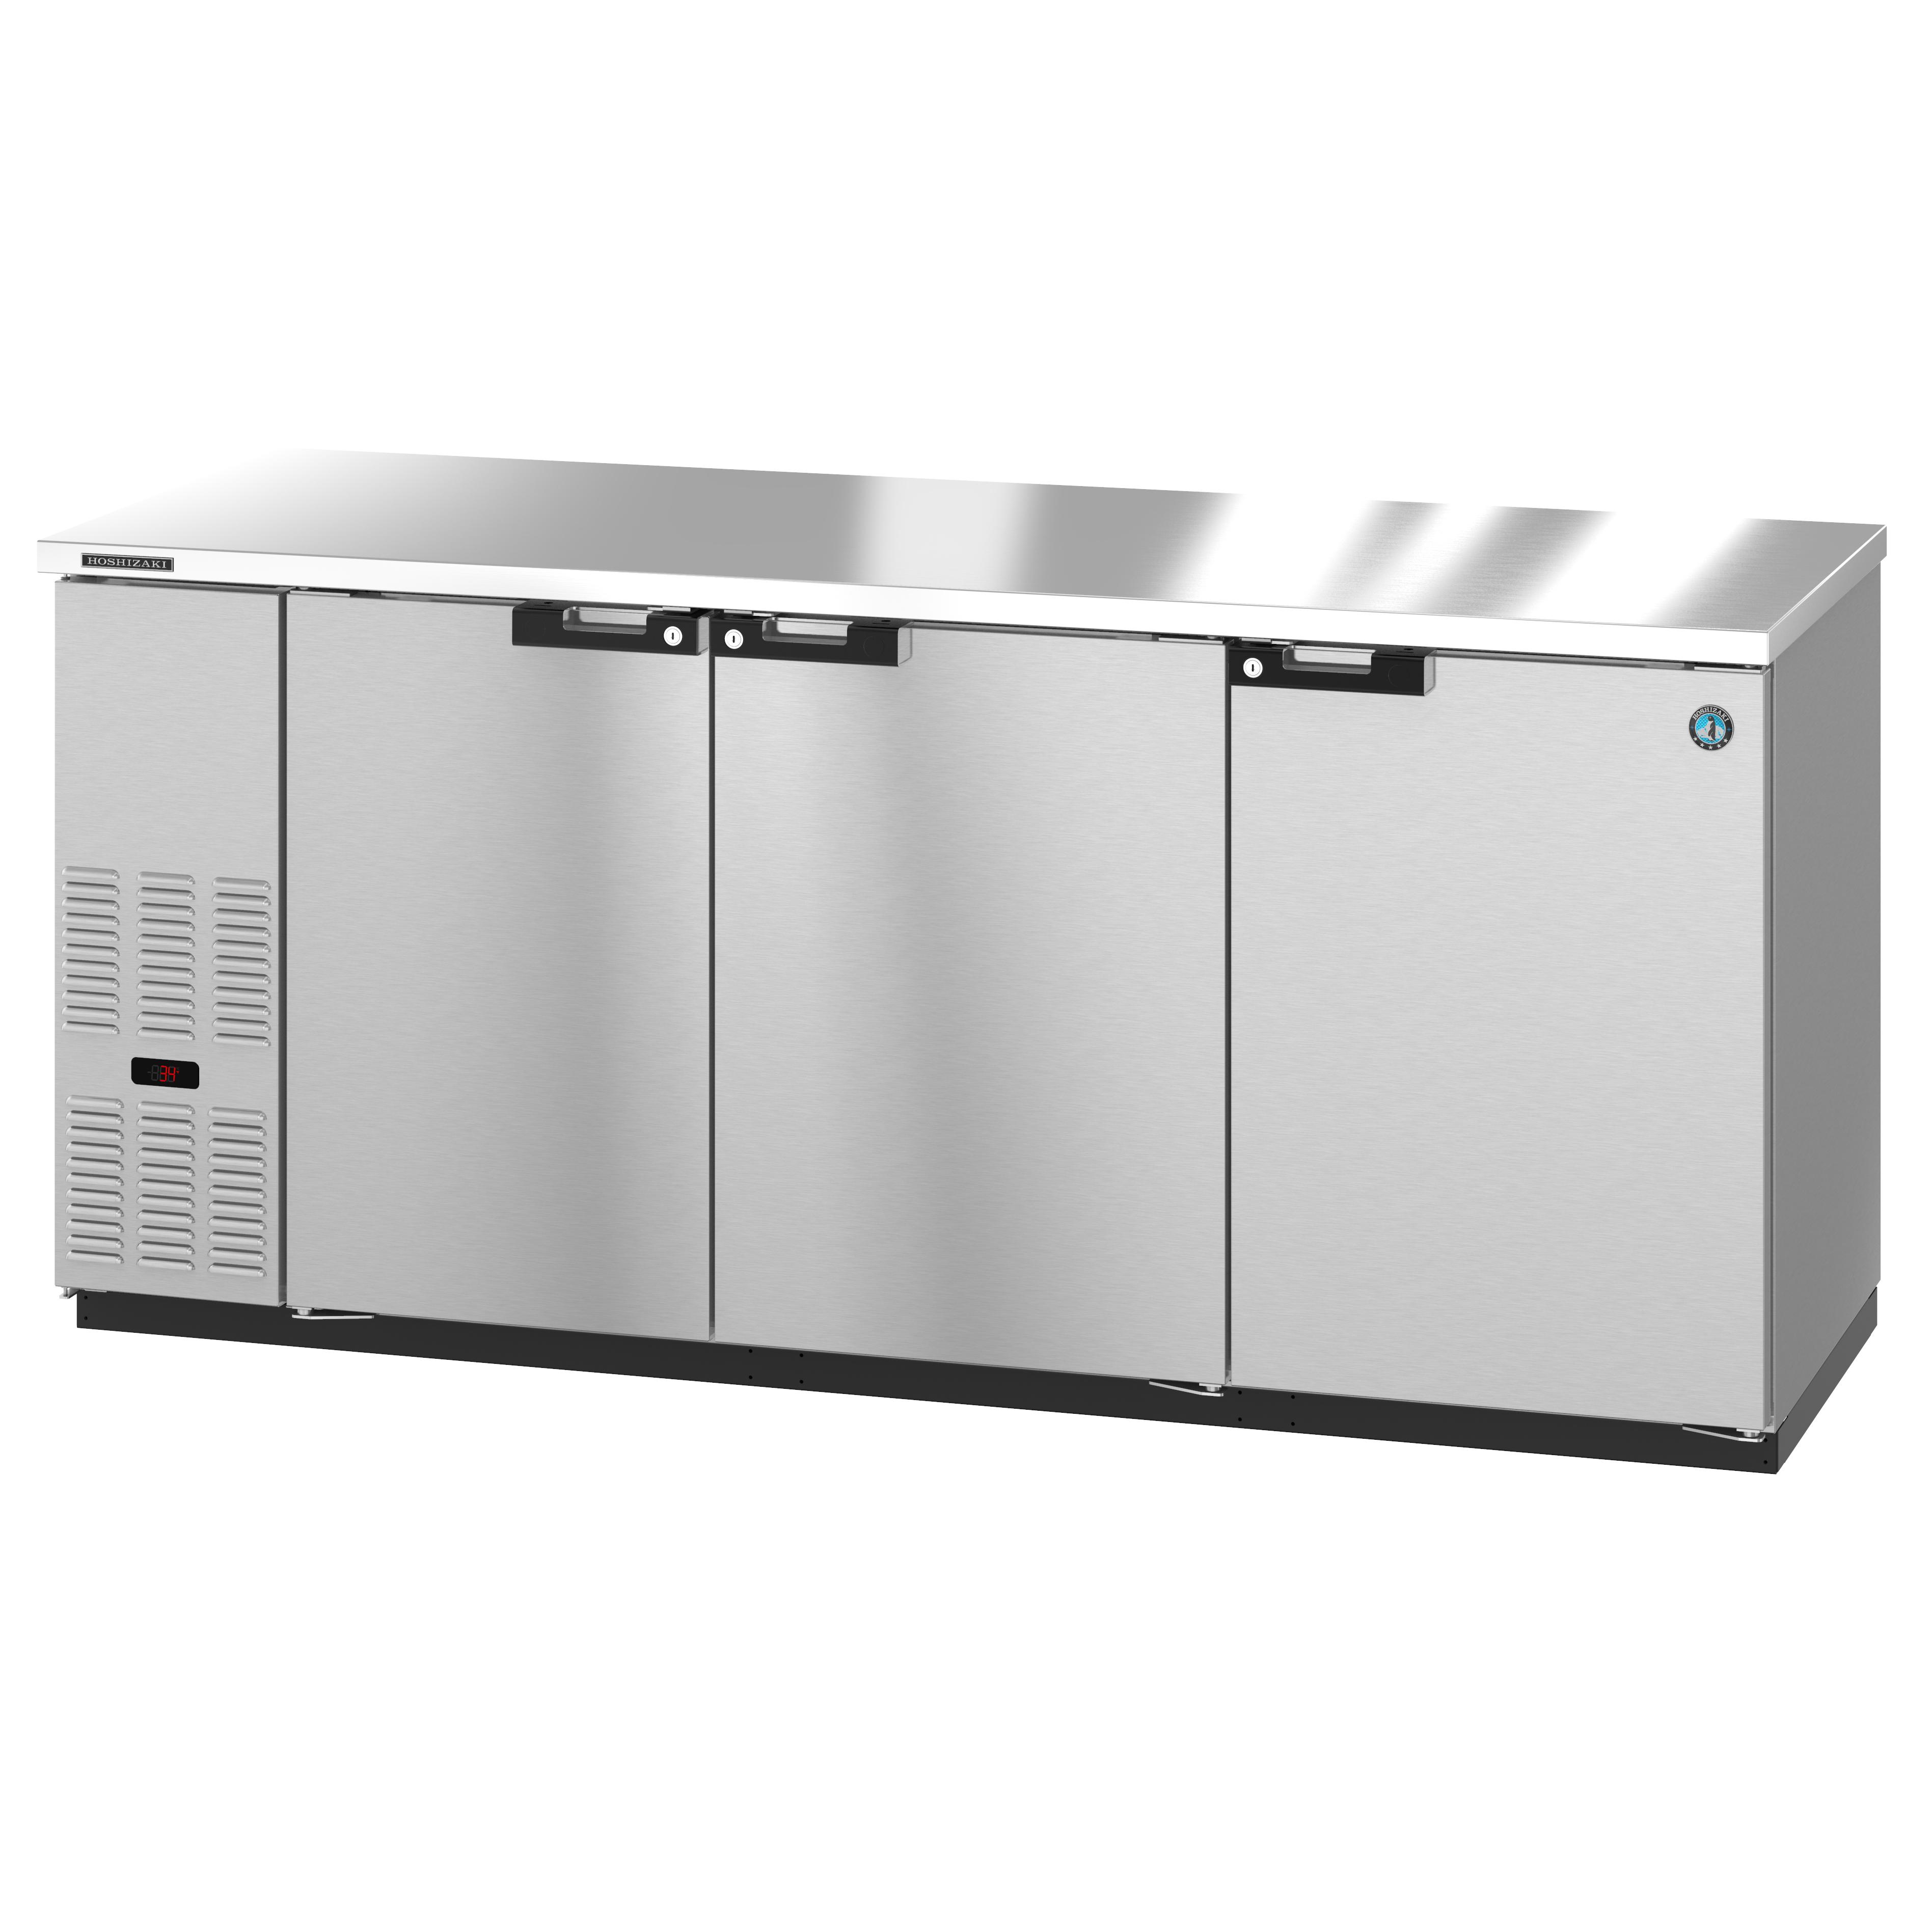 Hoshizaki BB80-S bar refrigerator, 3 swinging solid doors